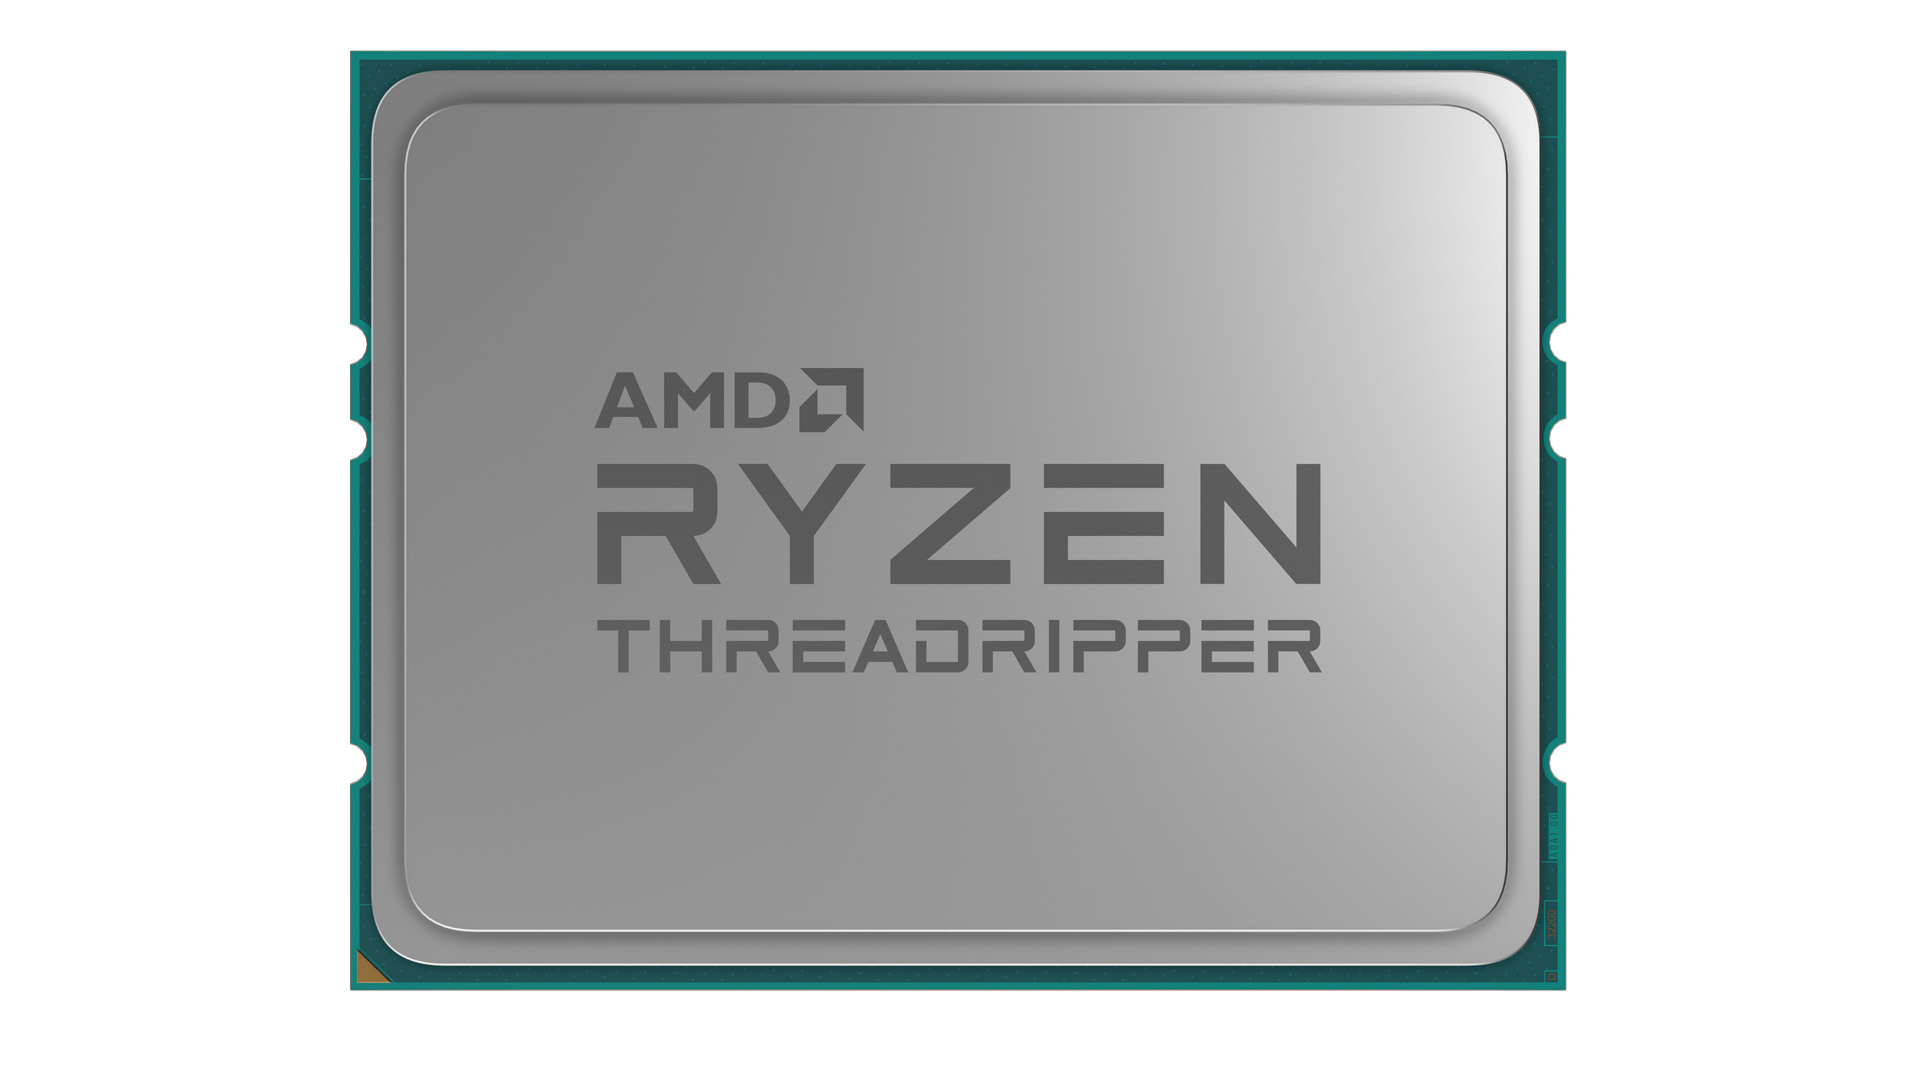 AMD Ryzen Threadripper 2990WX and 2950X Review   bit-tech net